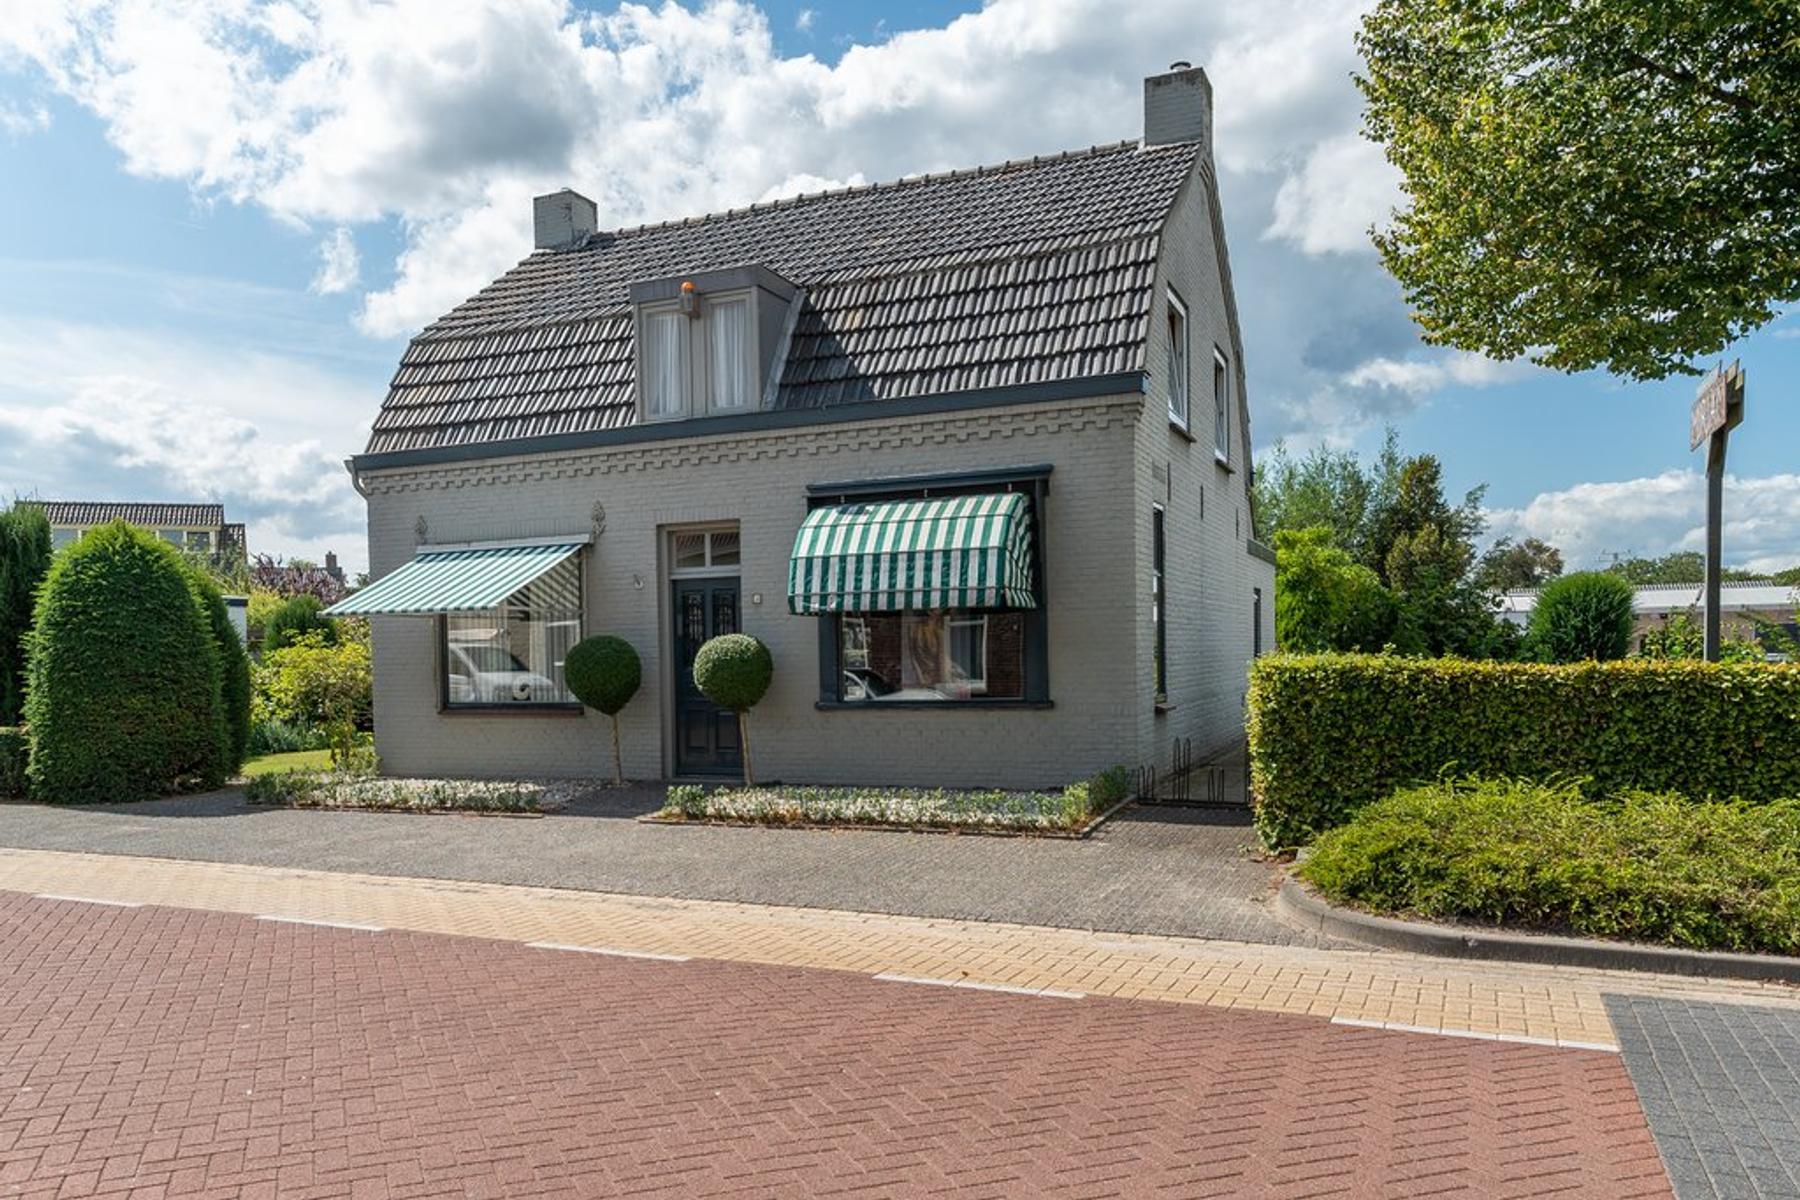 Maaskantje 45 in Sint-Michielsgestel 5271 XE